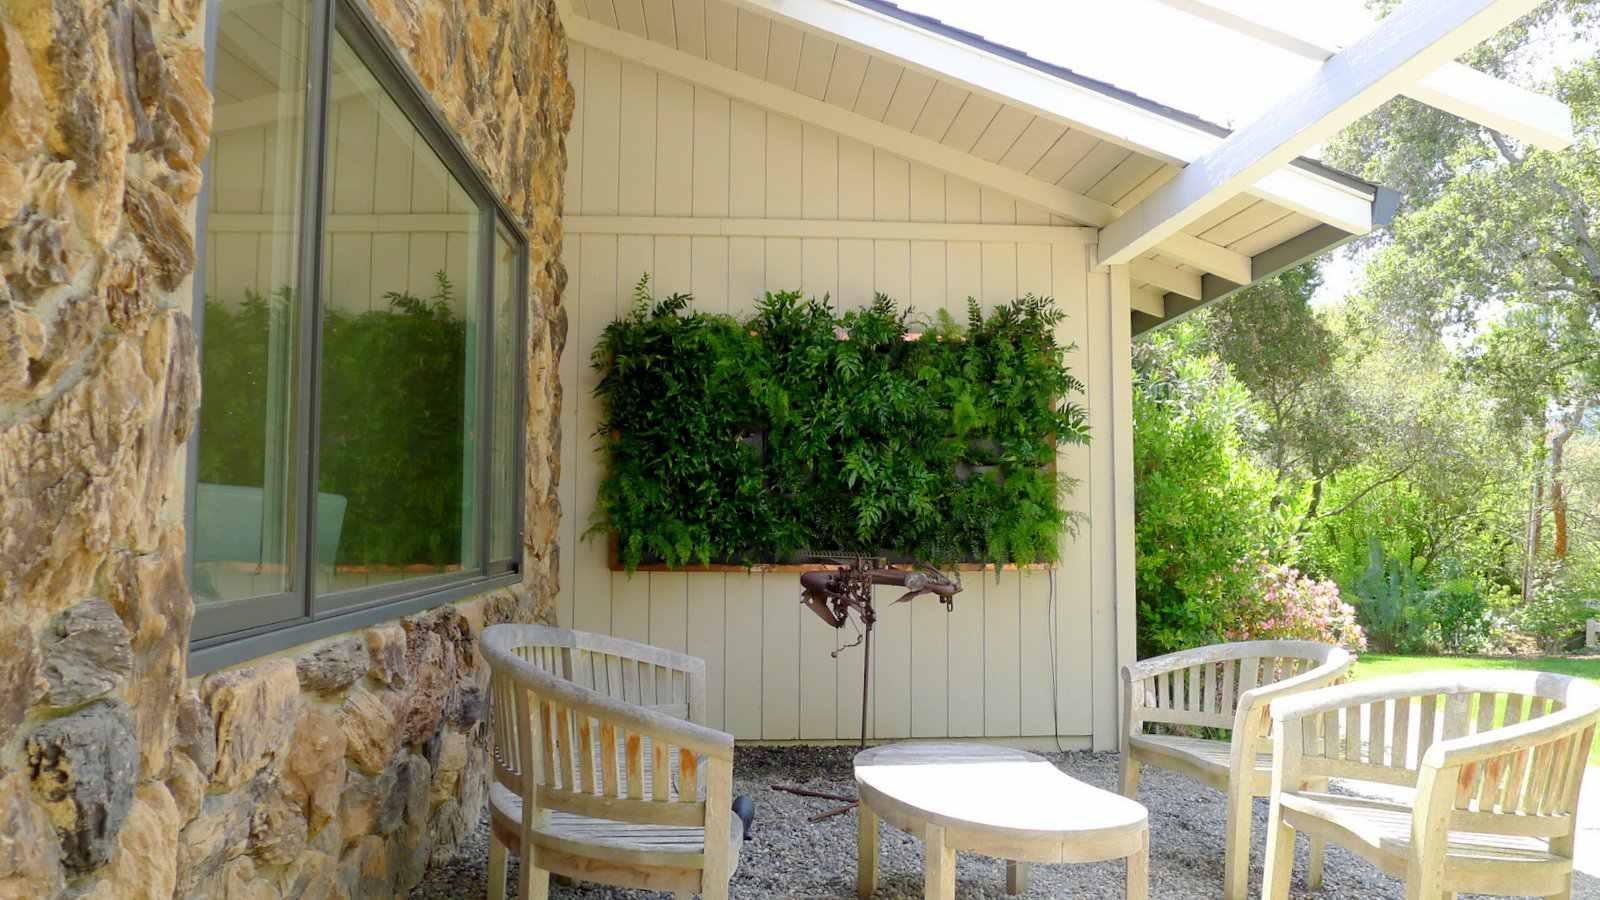 Vertical Garden wall decoration